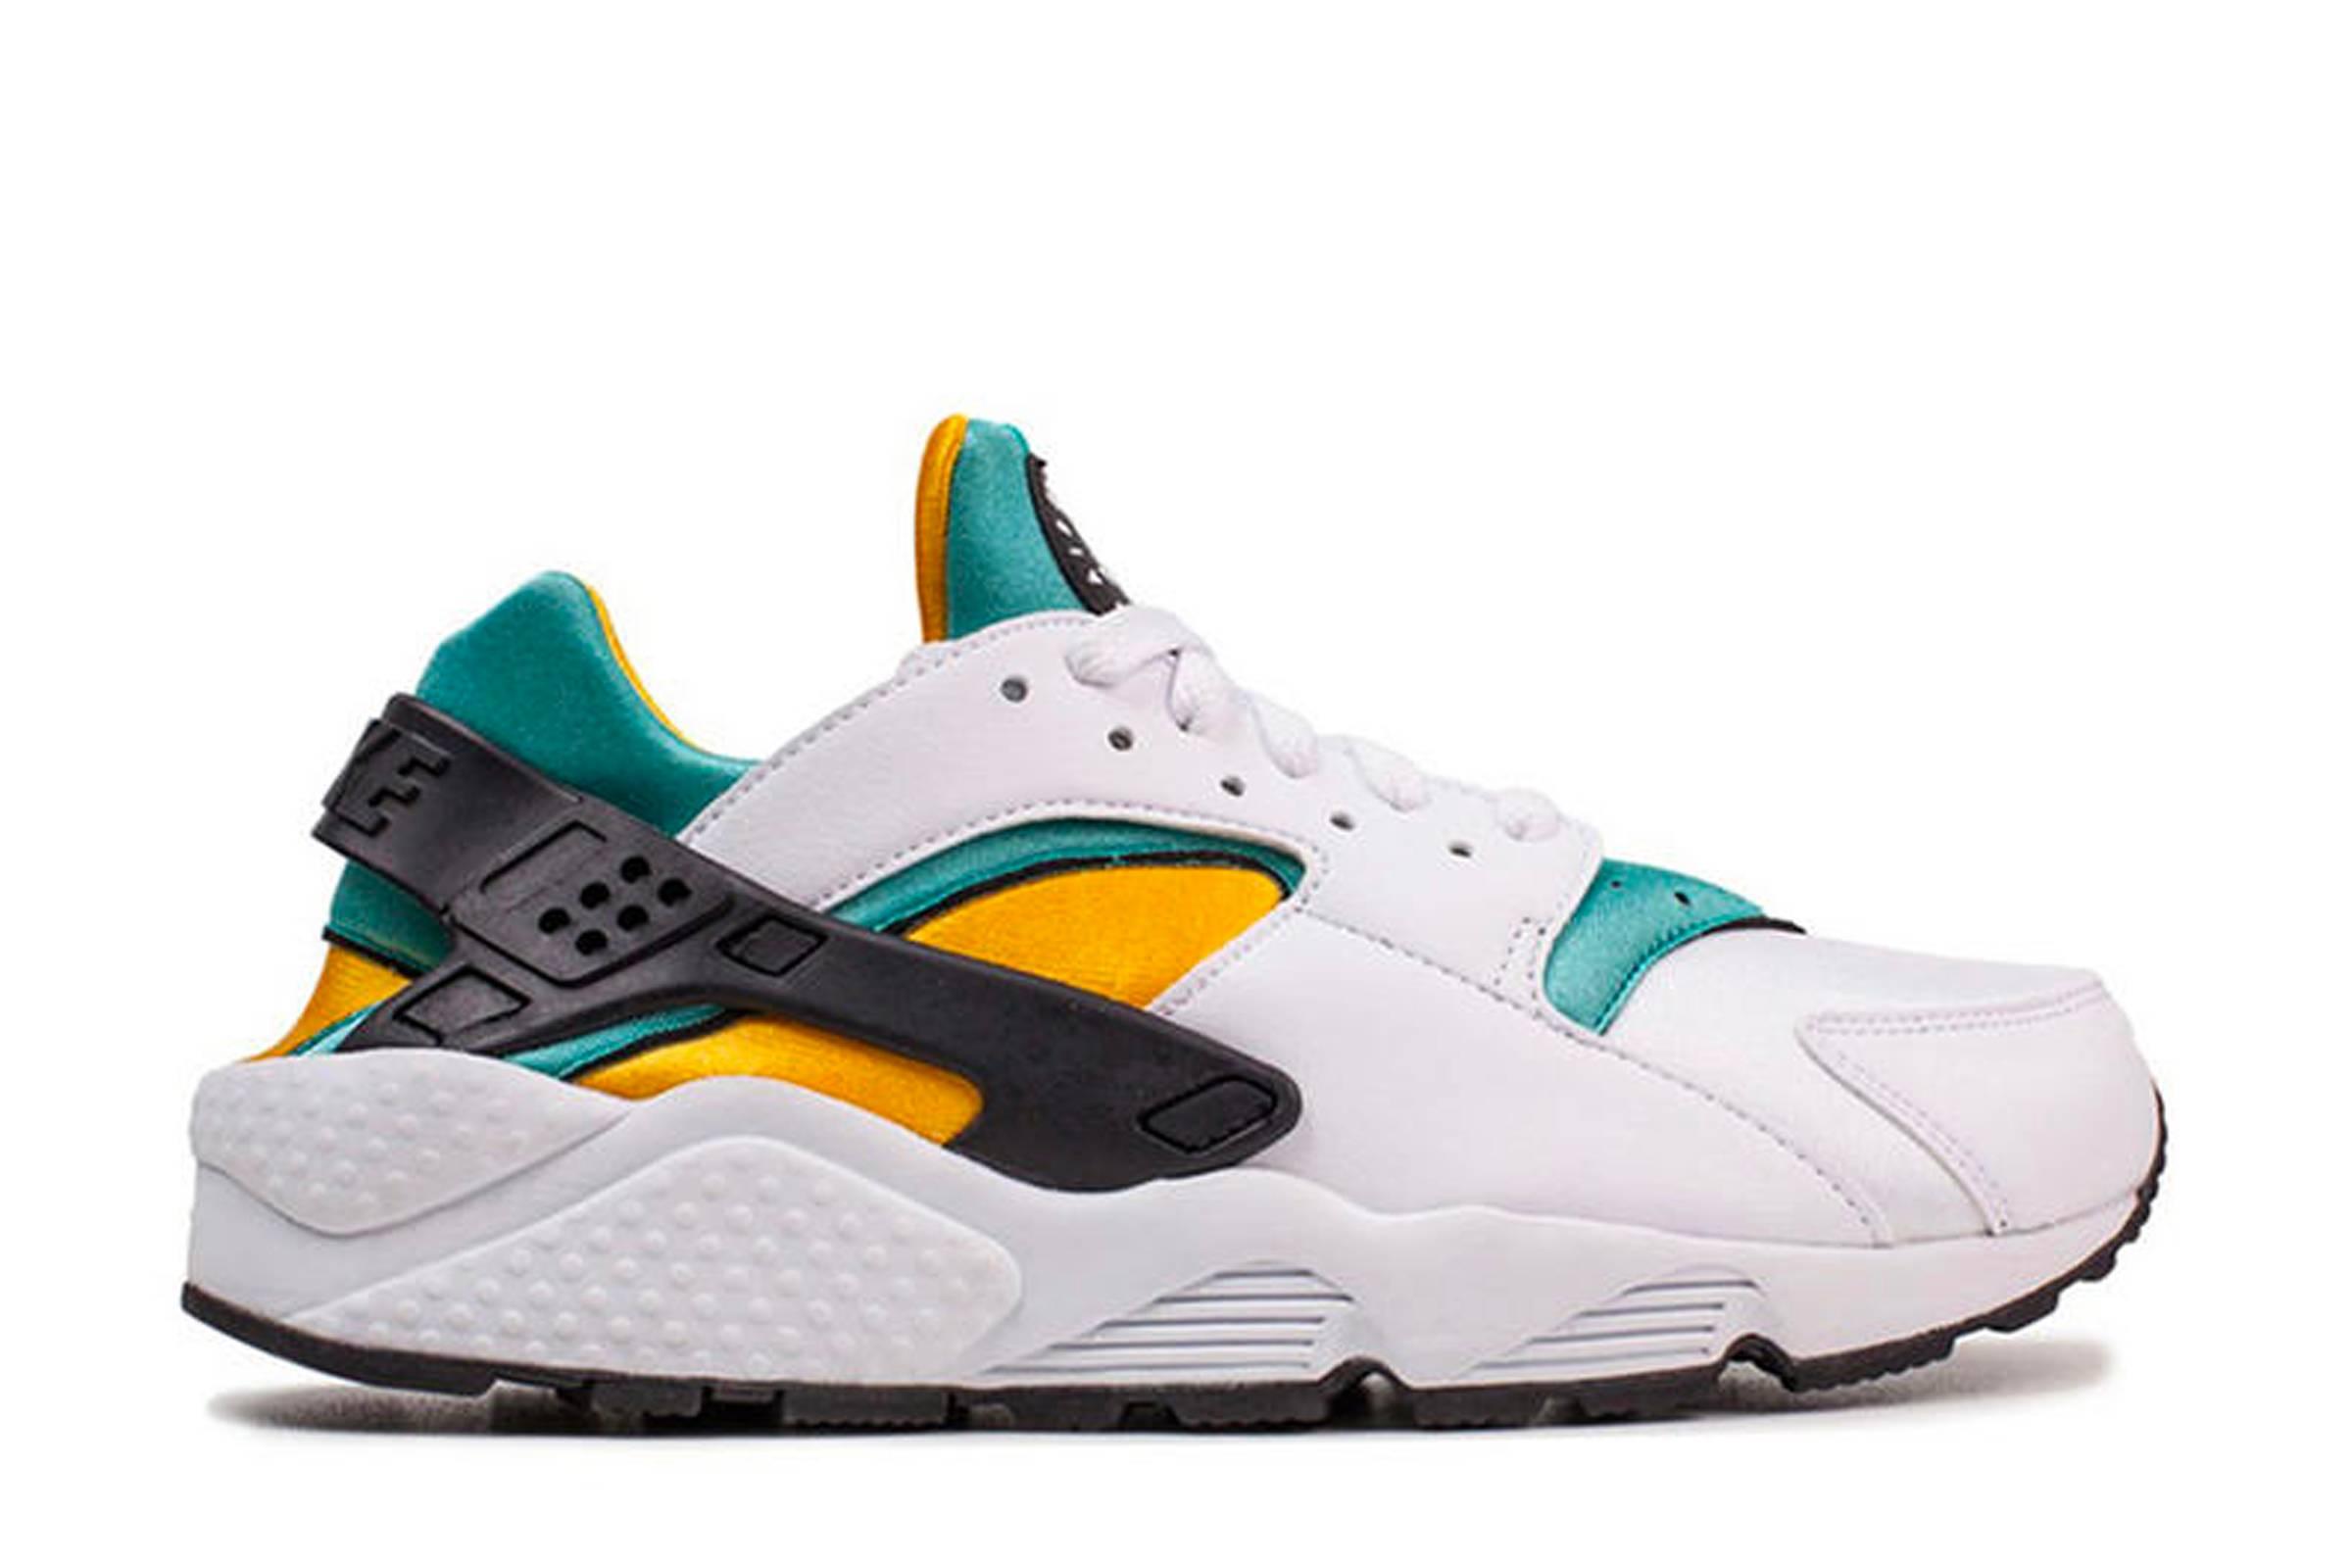 5. Nike Air Huarache